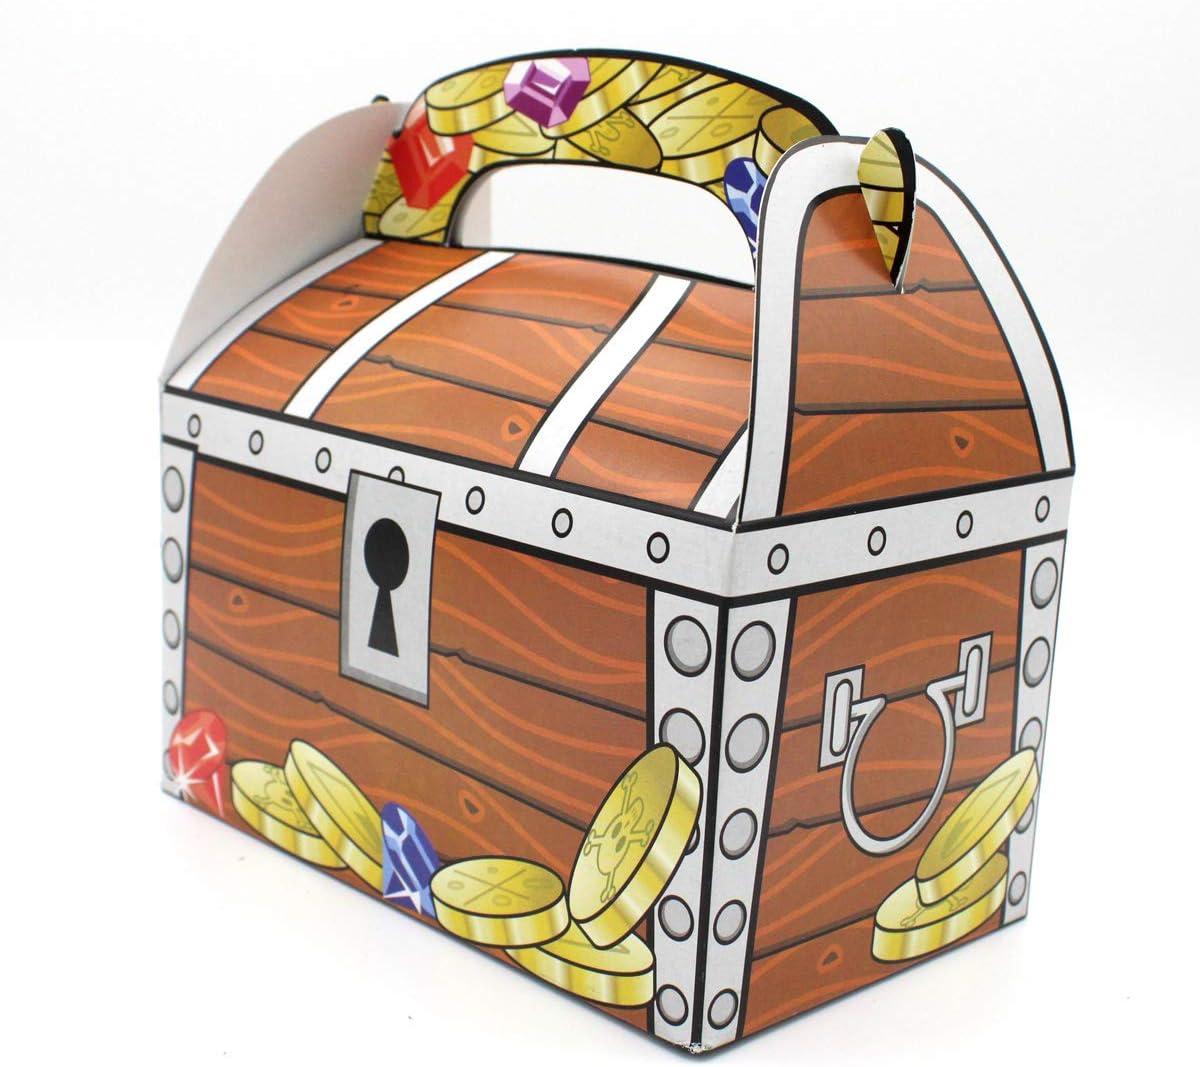 Caisse pour le tr/ésor des pirates 6 pi/èces en carton Bo/îte comme paquet cadeau ou pr/ésent Coffre /à tr/ésor